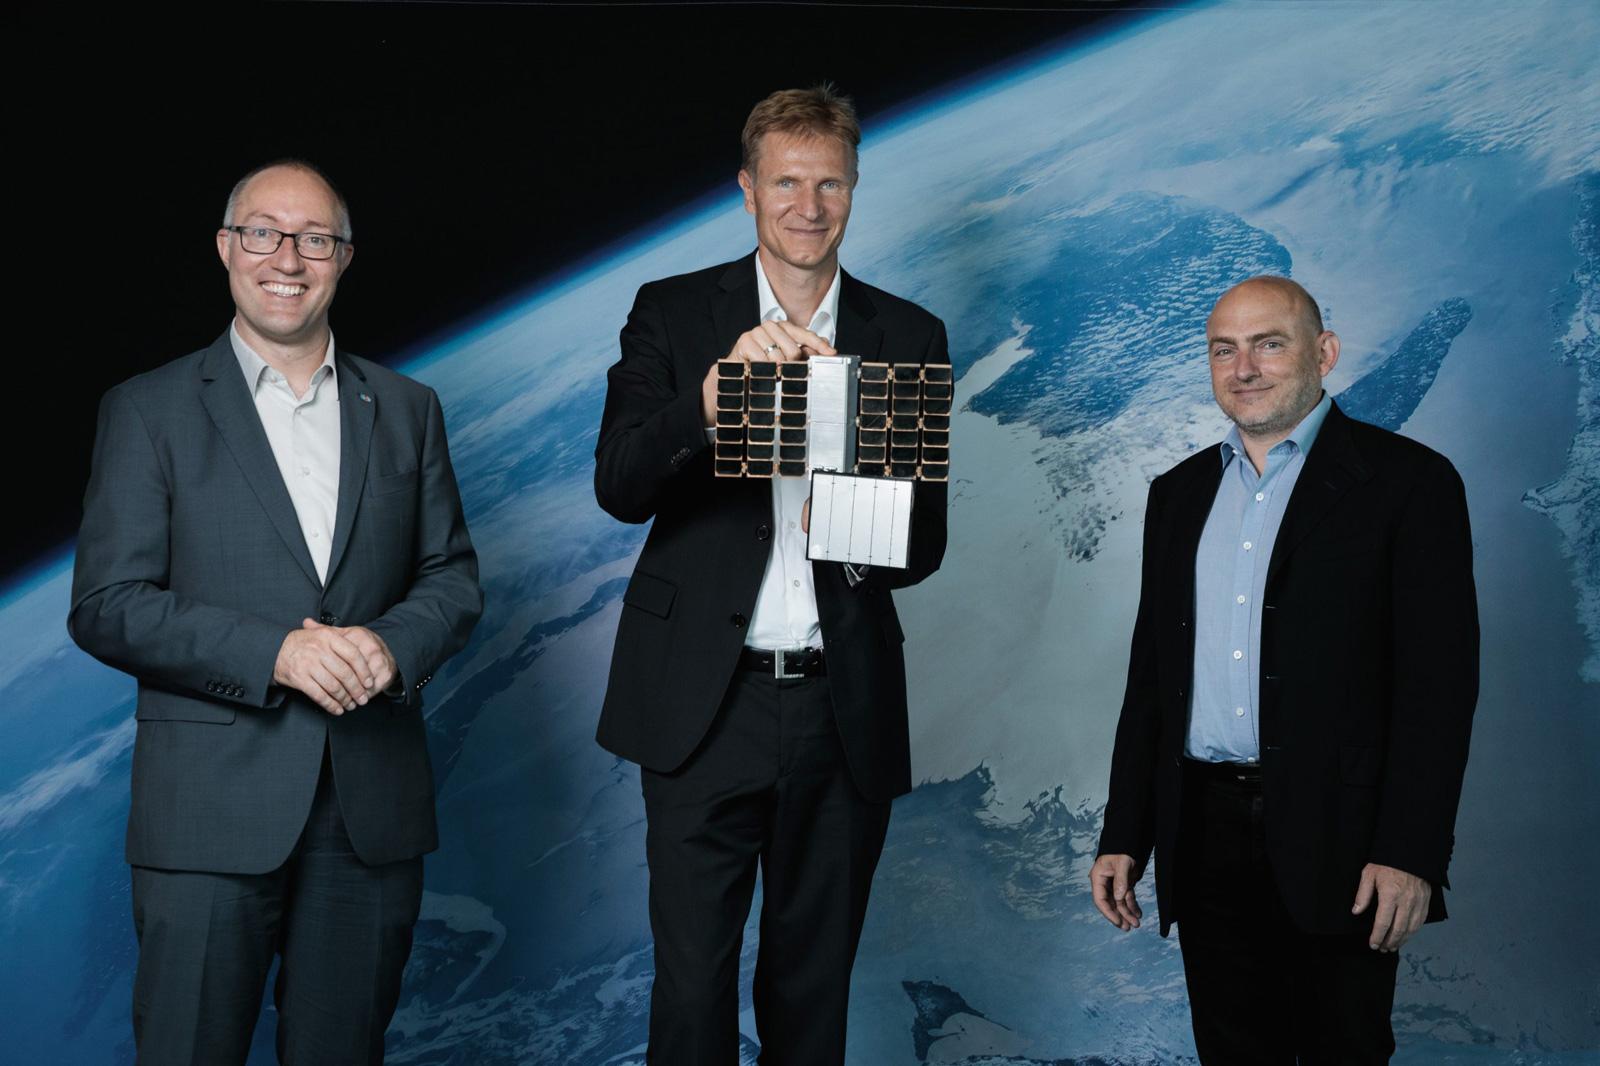 Gernot Grömer/ÖWF, Christian Federspiel/Findus Venture GmbH, Peter Platzer/Spire Global